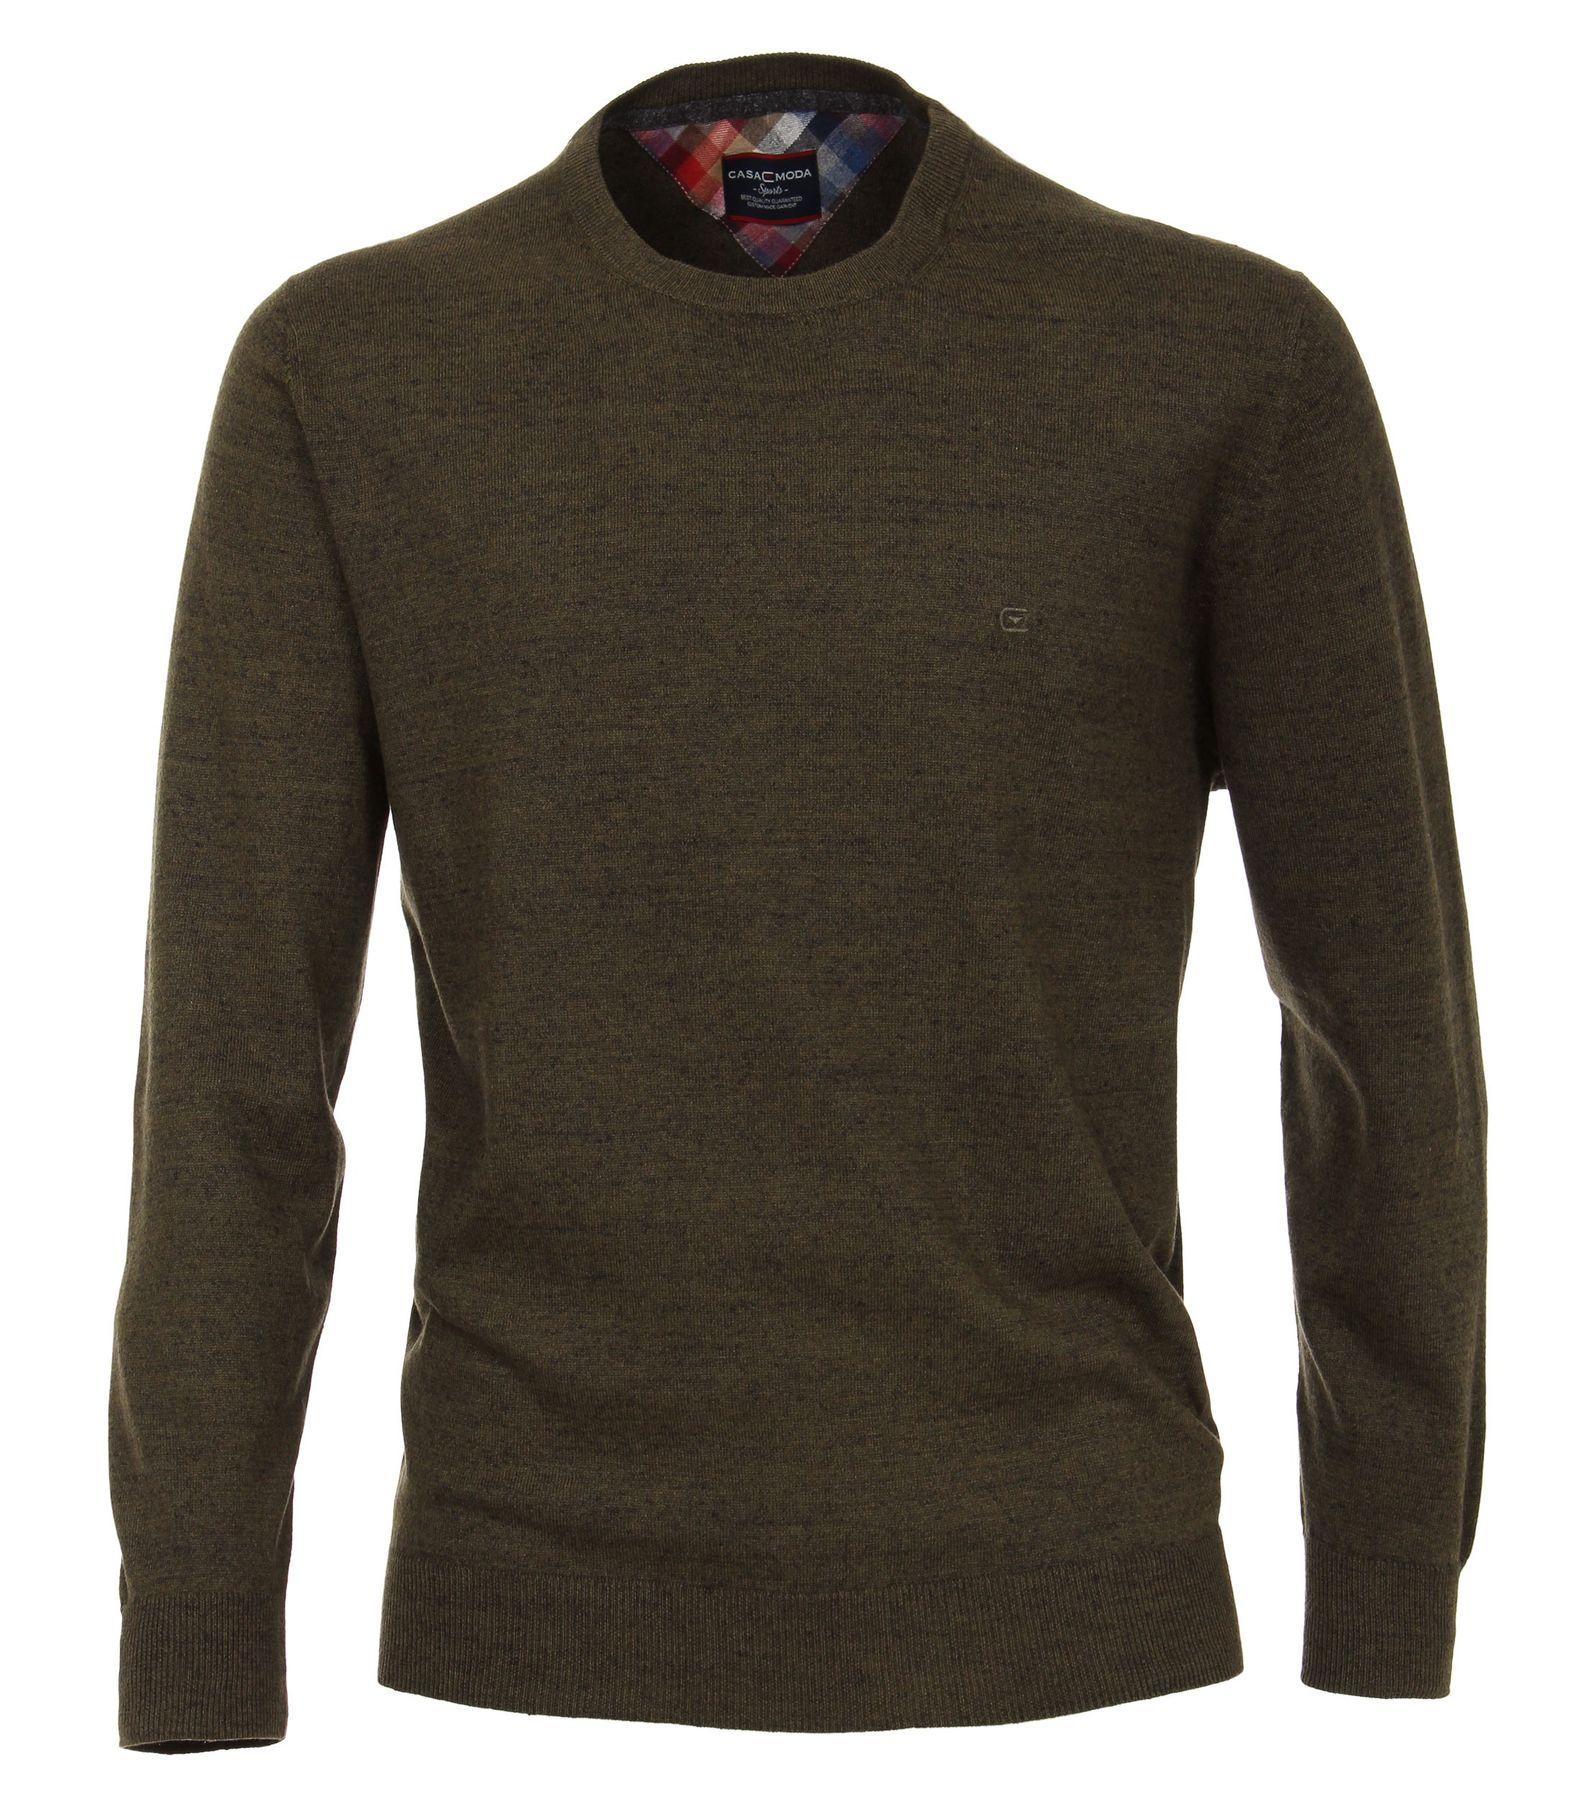 Casa Moda - Herren Pullover mit Rundhalsausschnitt unifarben in verschiedenen Farben  (472778100) – Bild 7